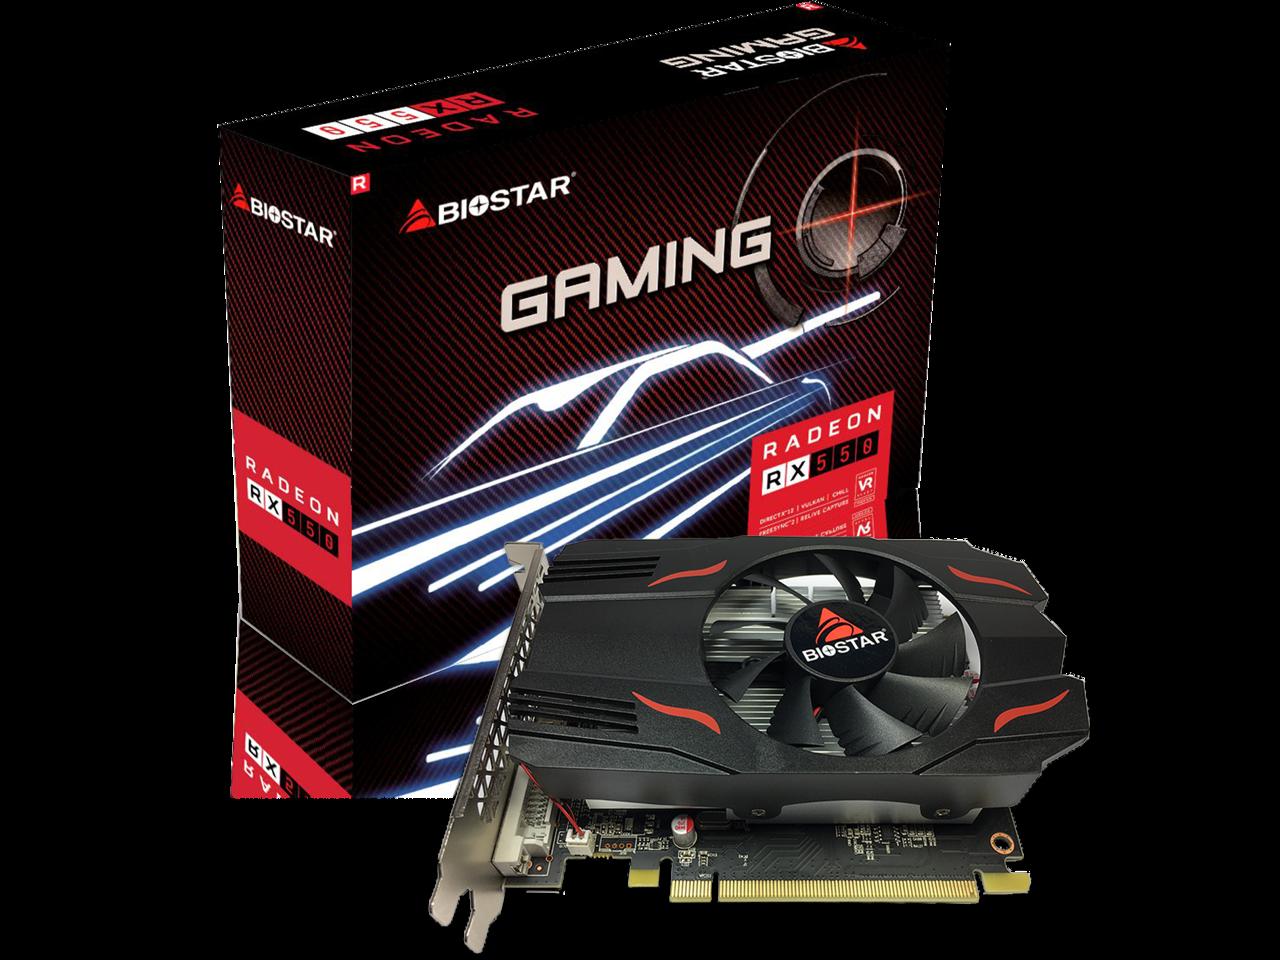 Biostar Gaming Radeon Rx 550 4gb Gddr5 128 Bit Directx 12 Pci Express 3 0 Dvi D Dual Link Hdmi Displayport Newegg Com